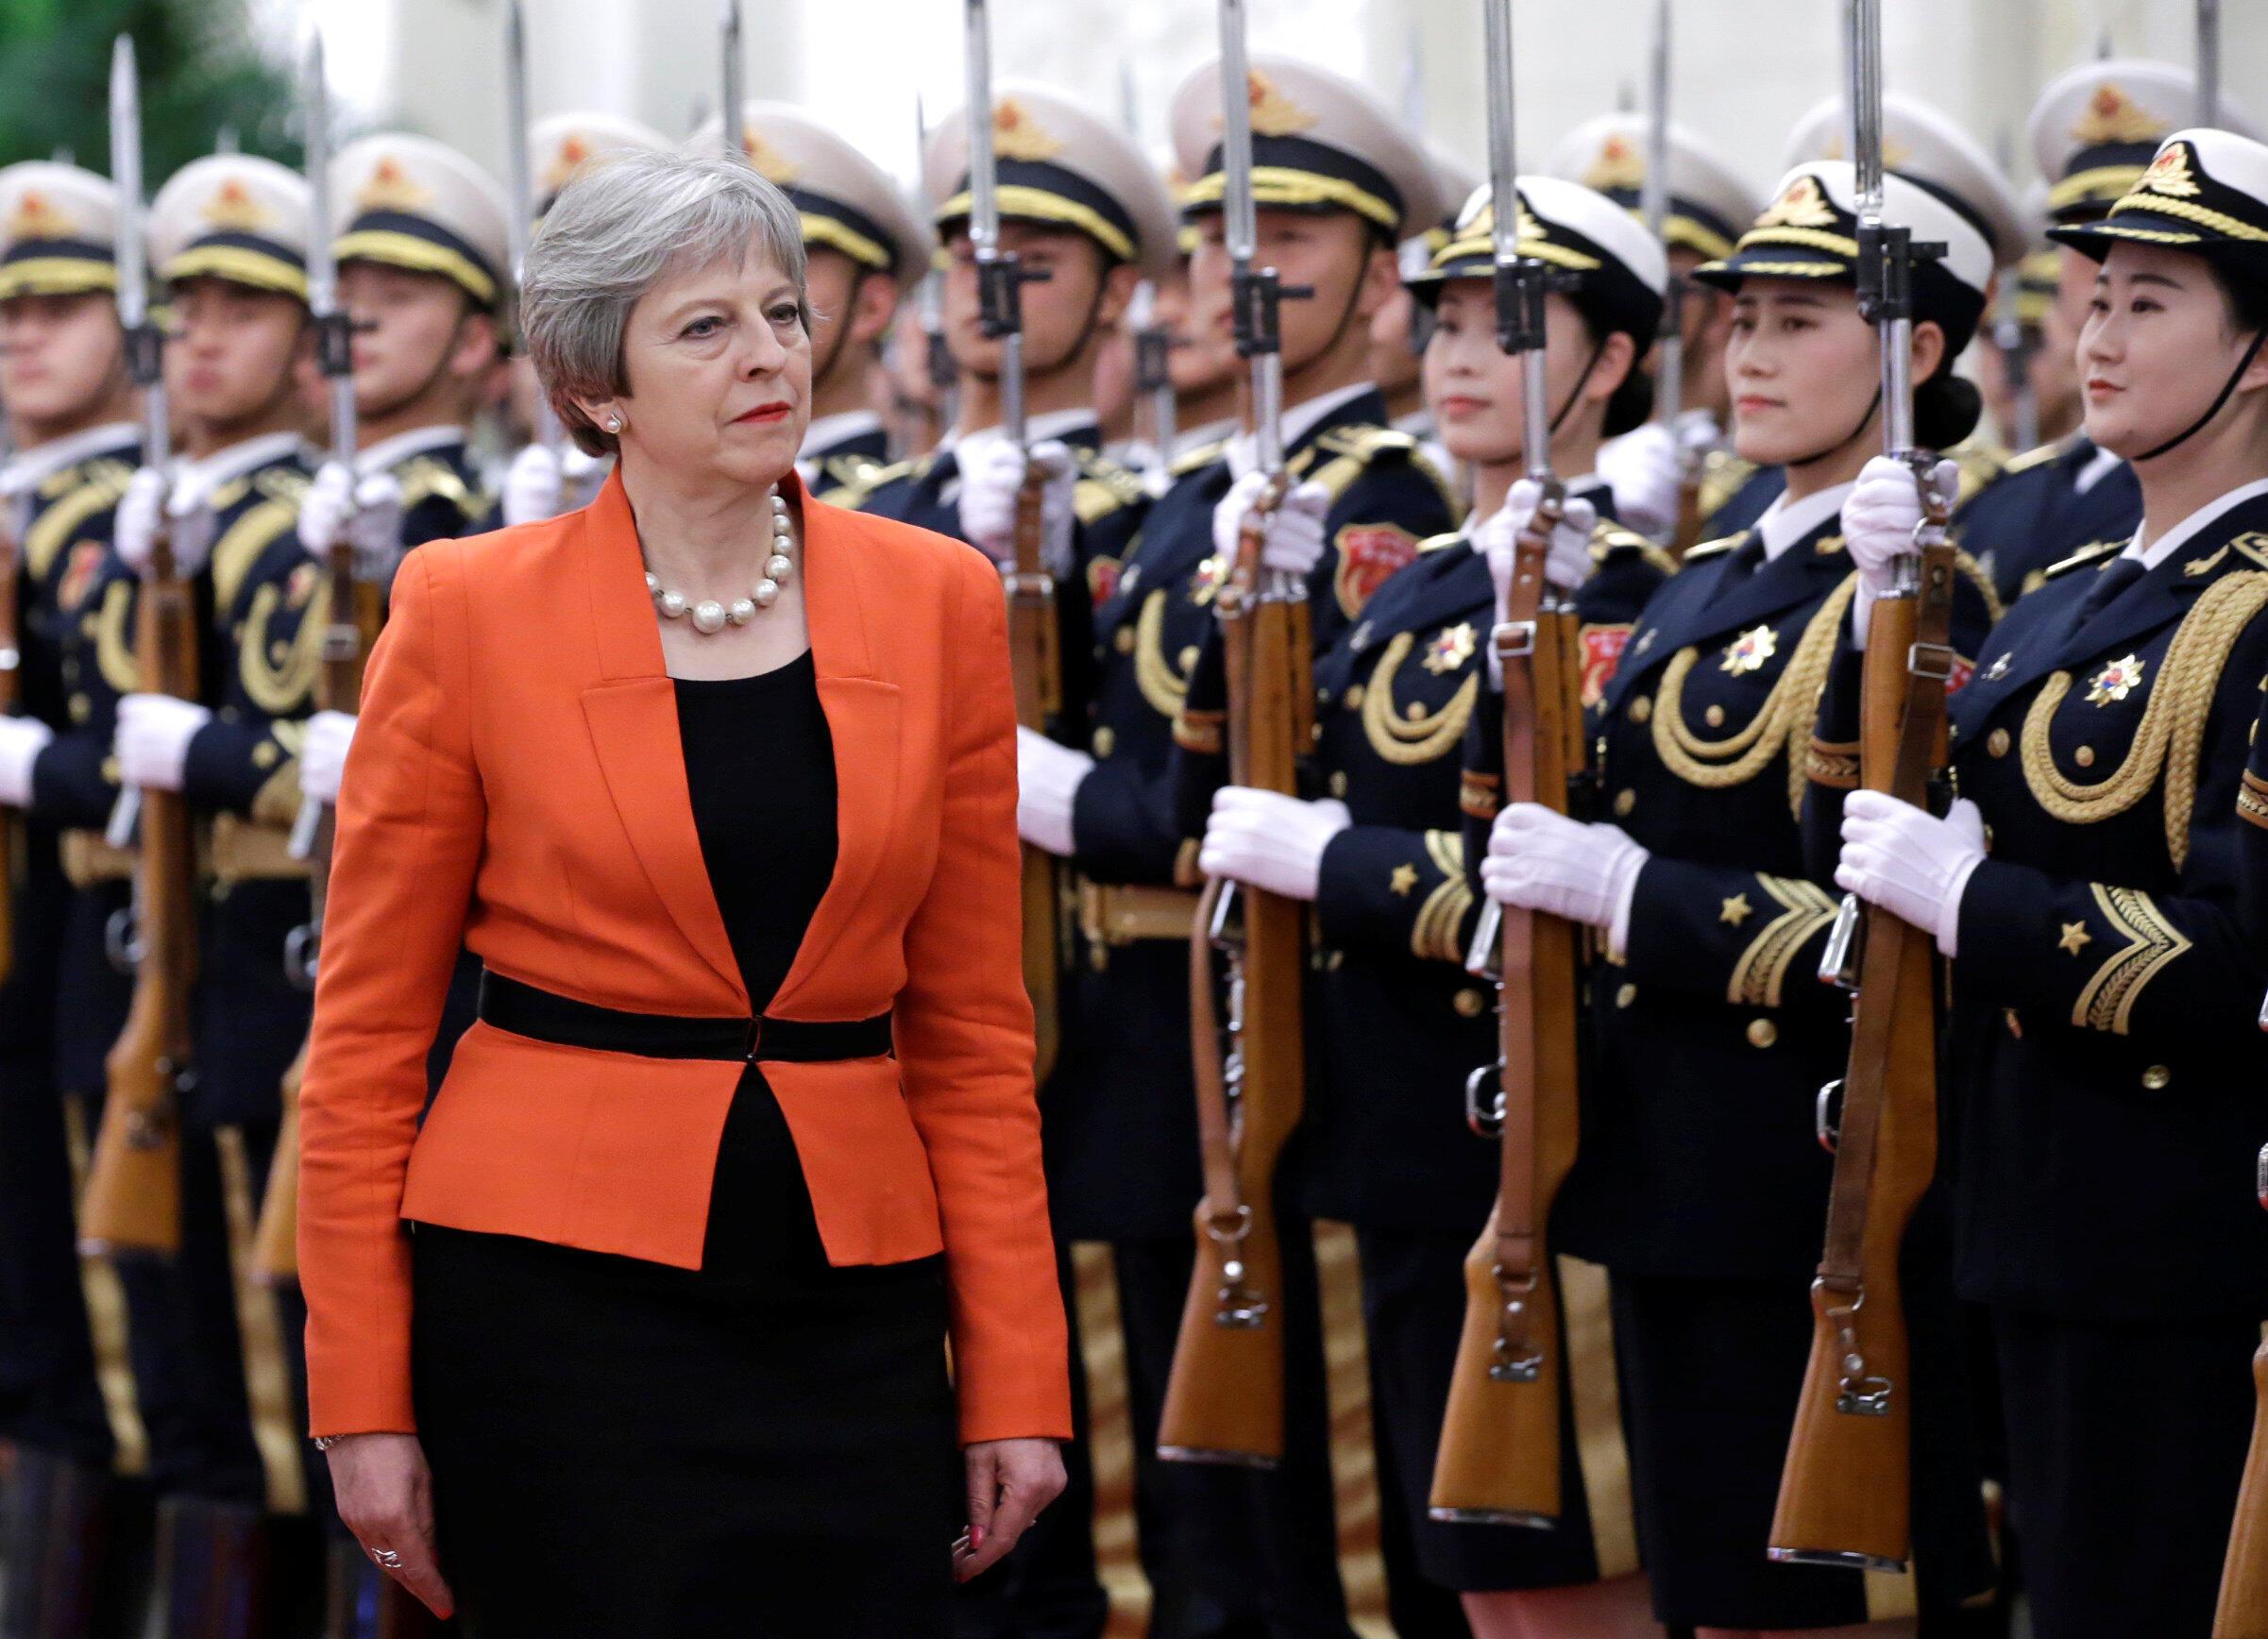 2018年1月31日,英国首相特蕾莎•梅抵达中国访问,前往北京人大会堂,与中国总理李克强会晤。